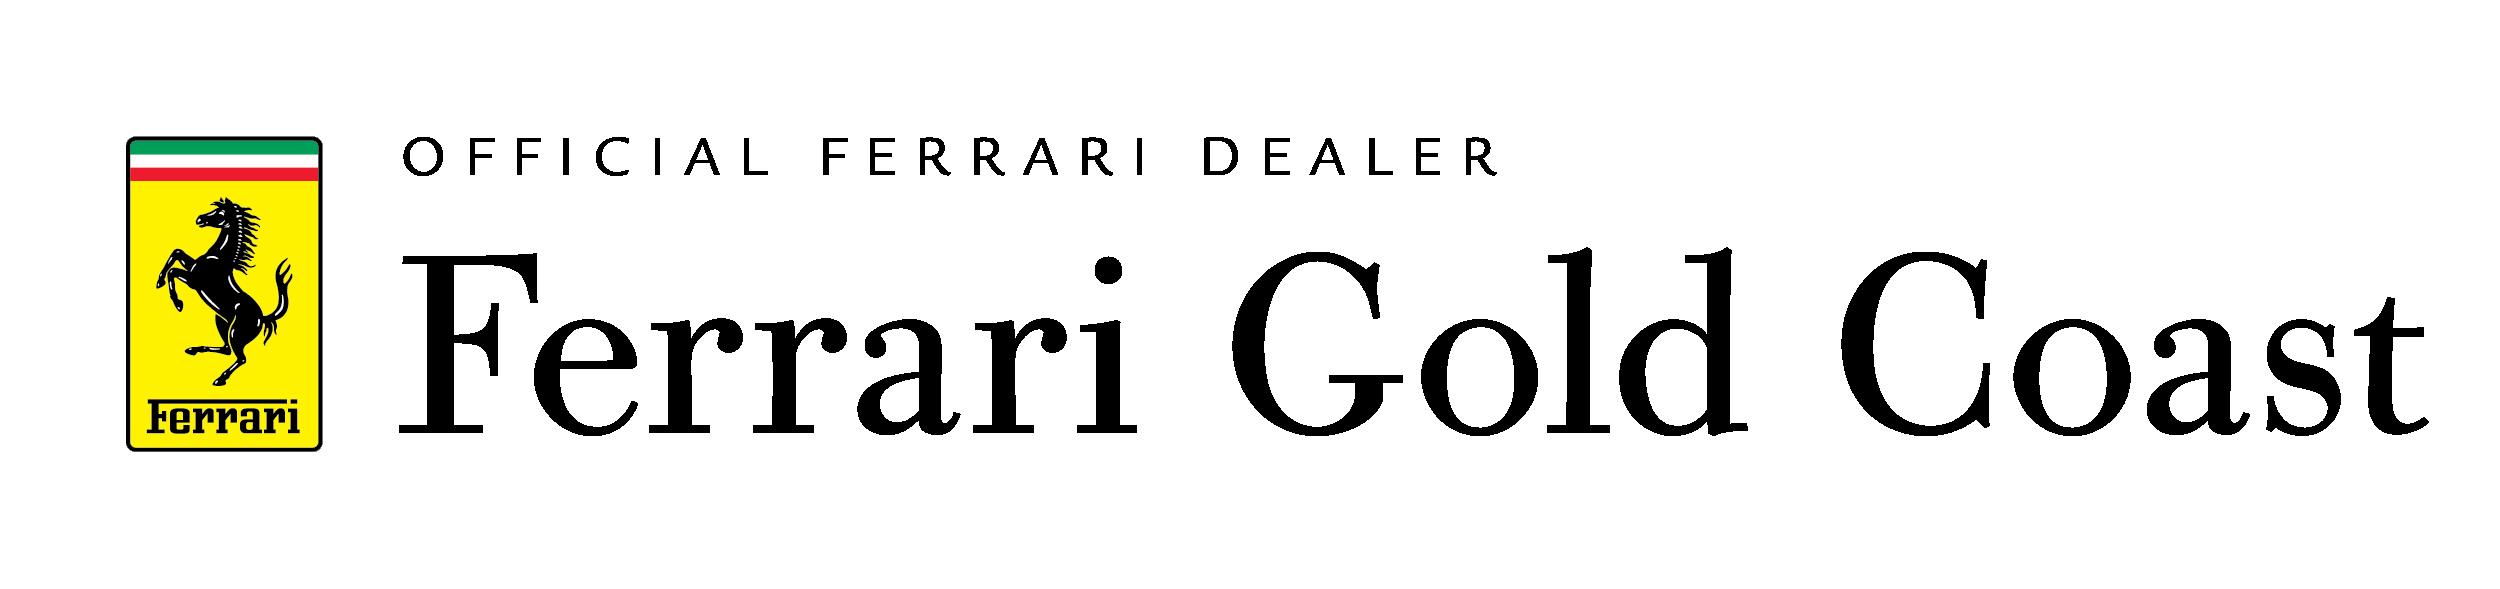 Ferrari Gold Coast Logo